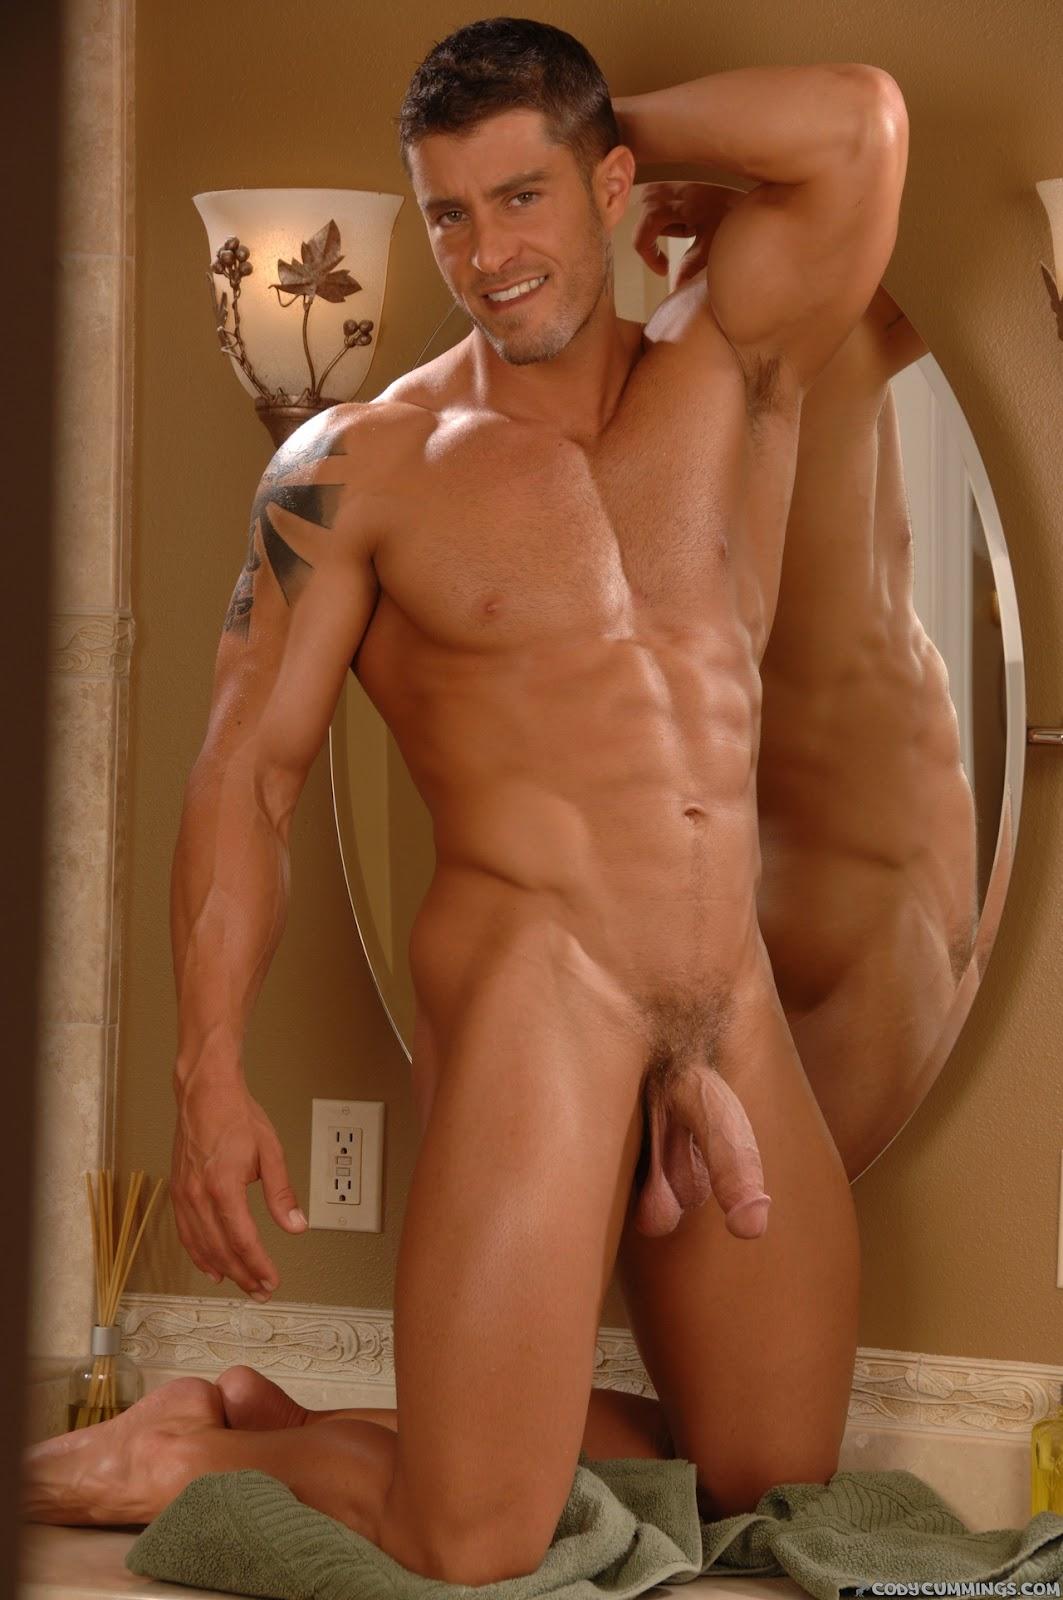 Cody cummings nude